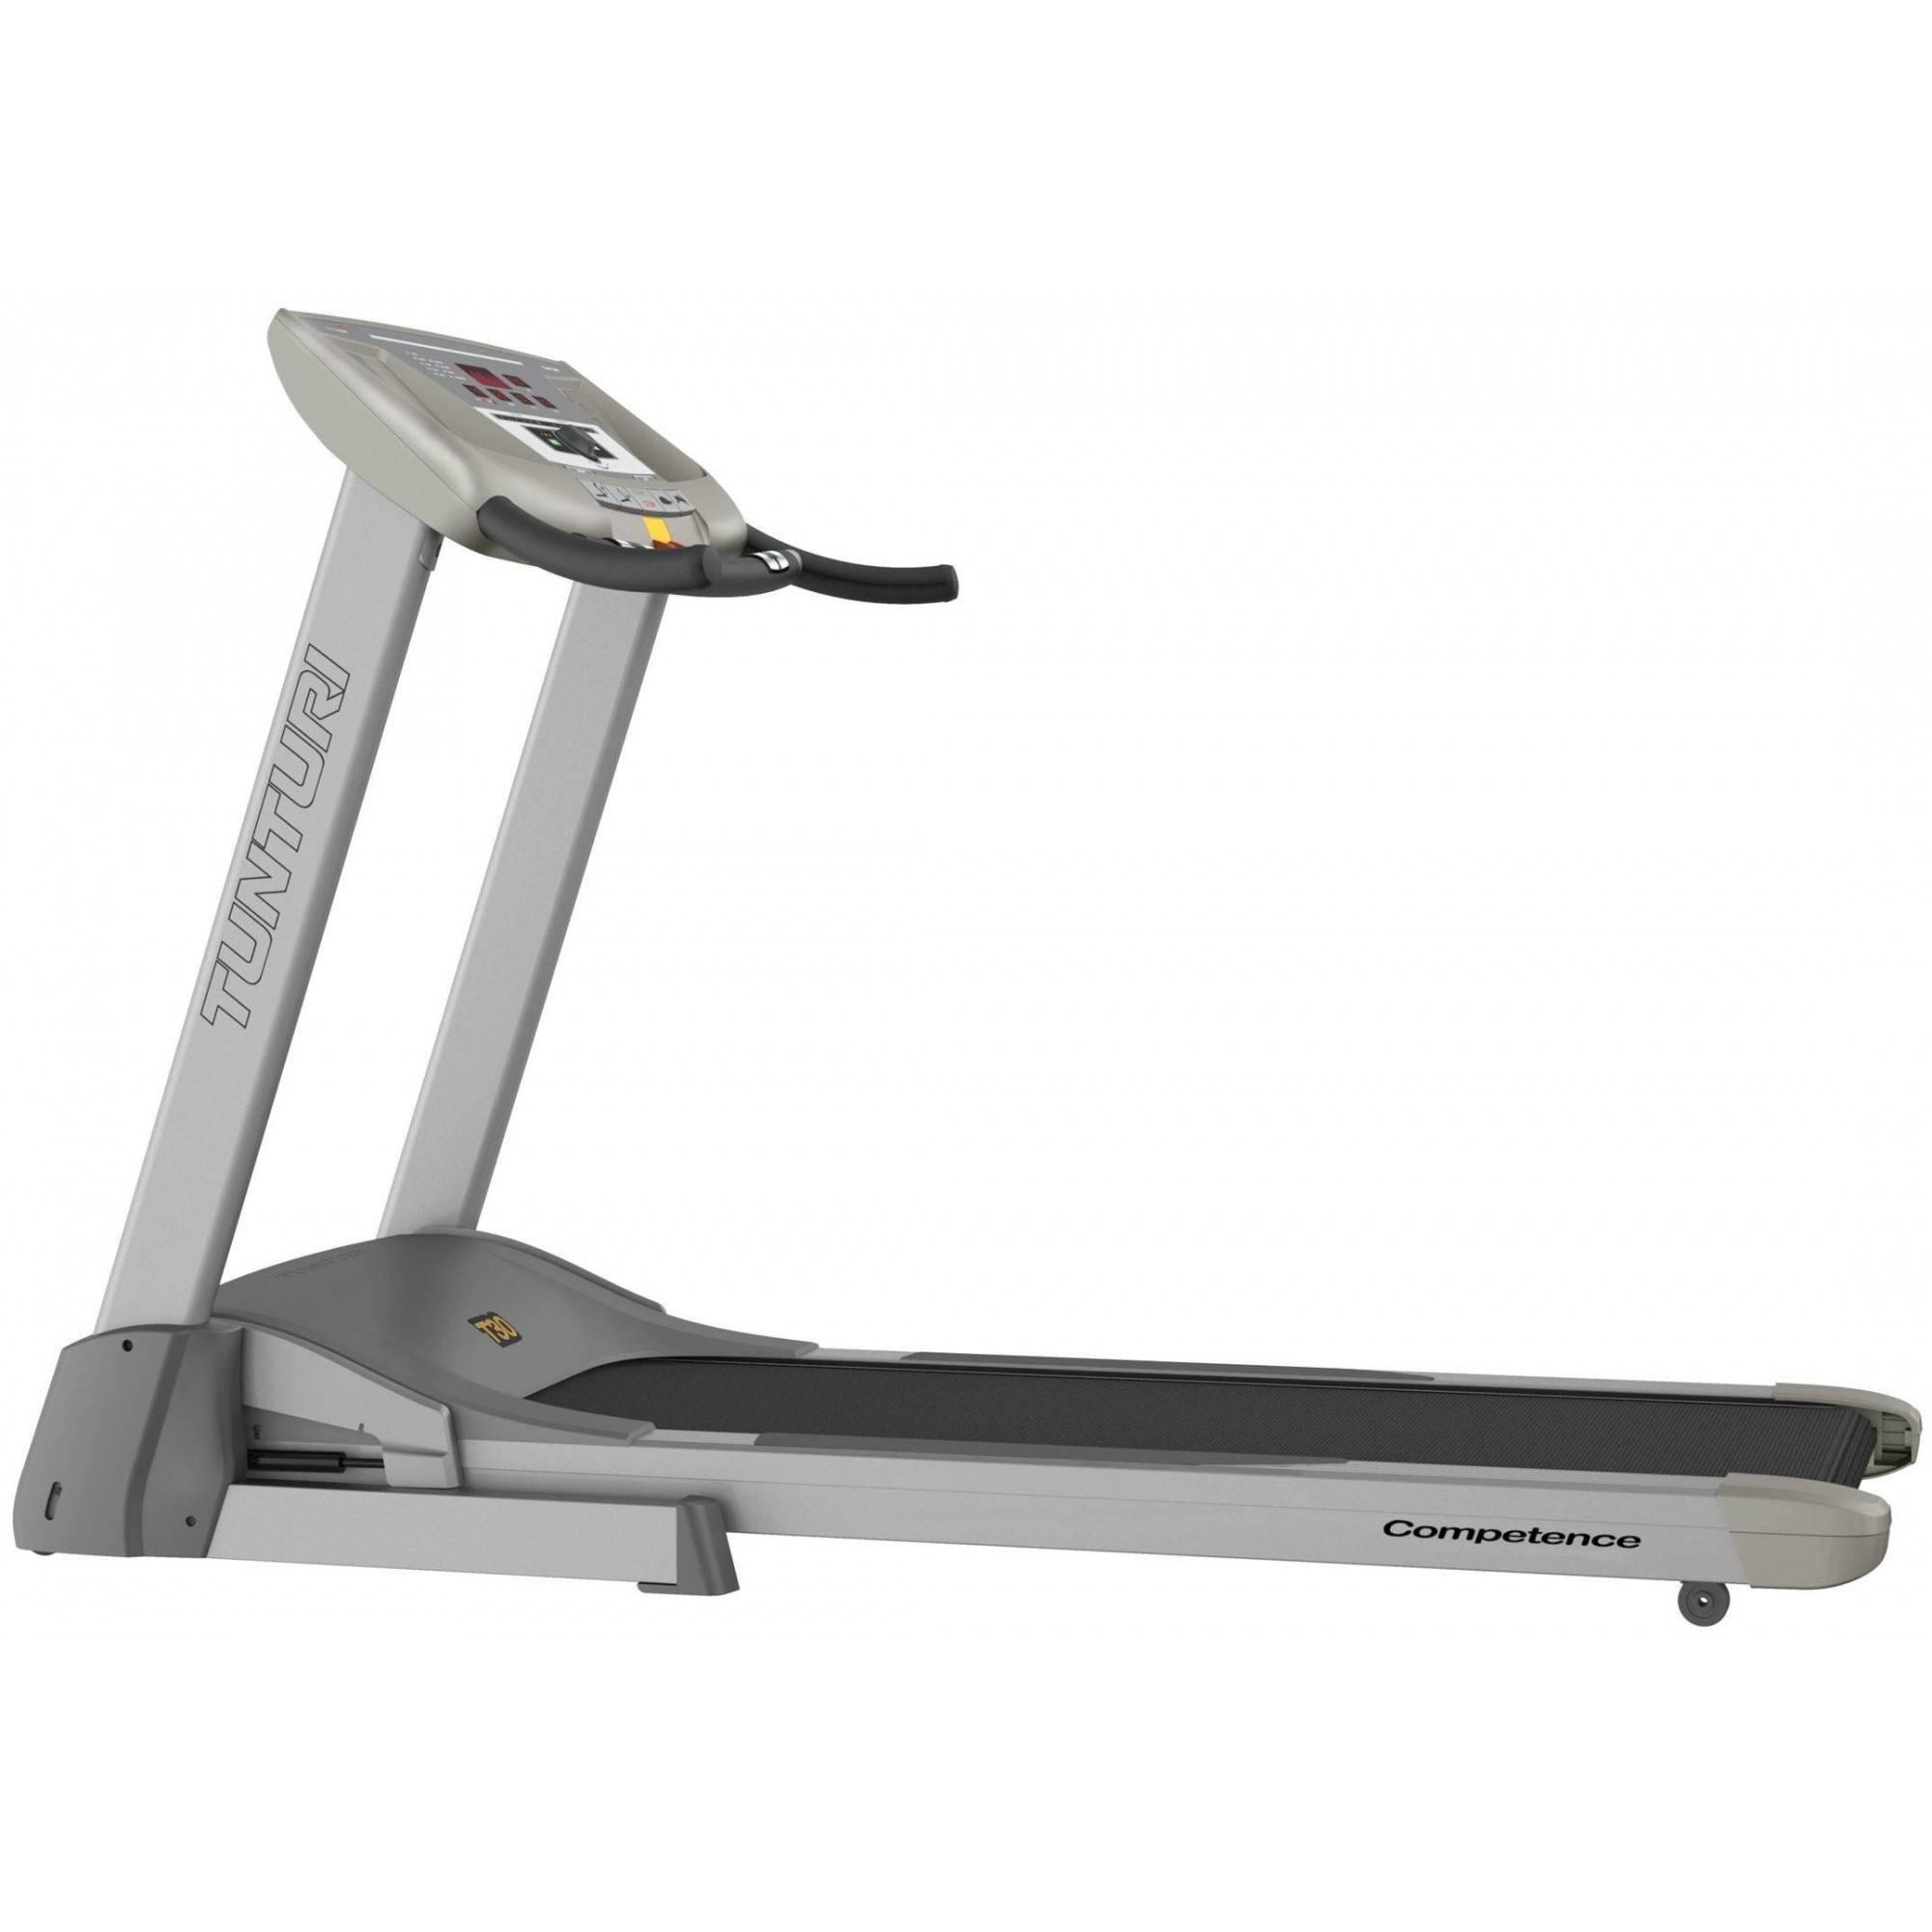 Bieżnia elektryczna Tunturi T30   2.5KM   0.8-18km/h Tunturi - 1   klubfitness.pl   sprzęt sportowy sport equipment